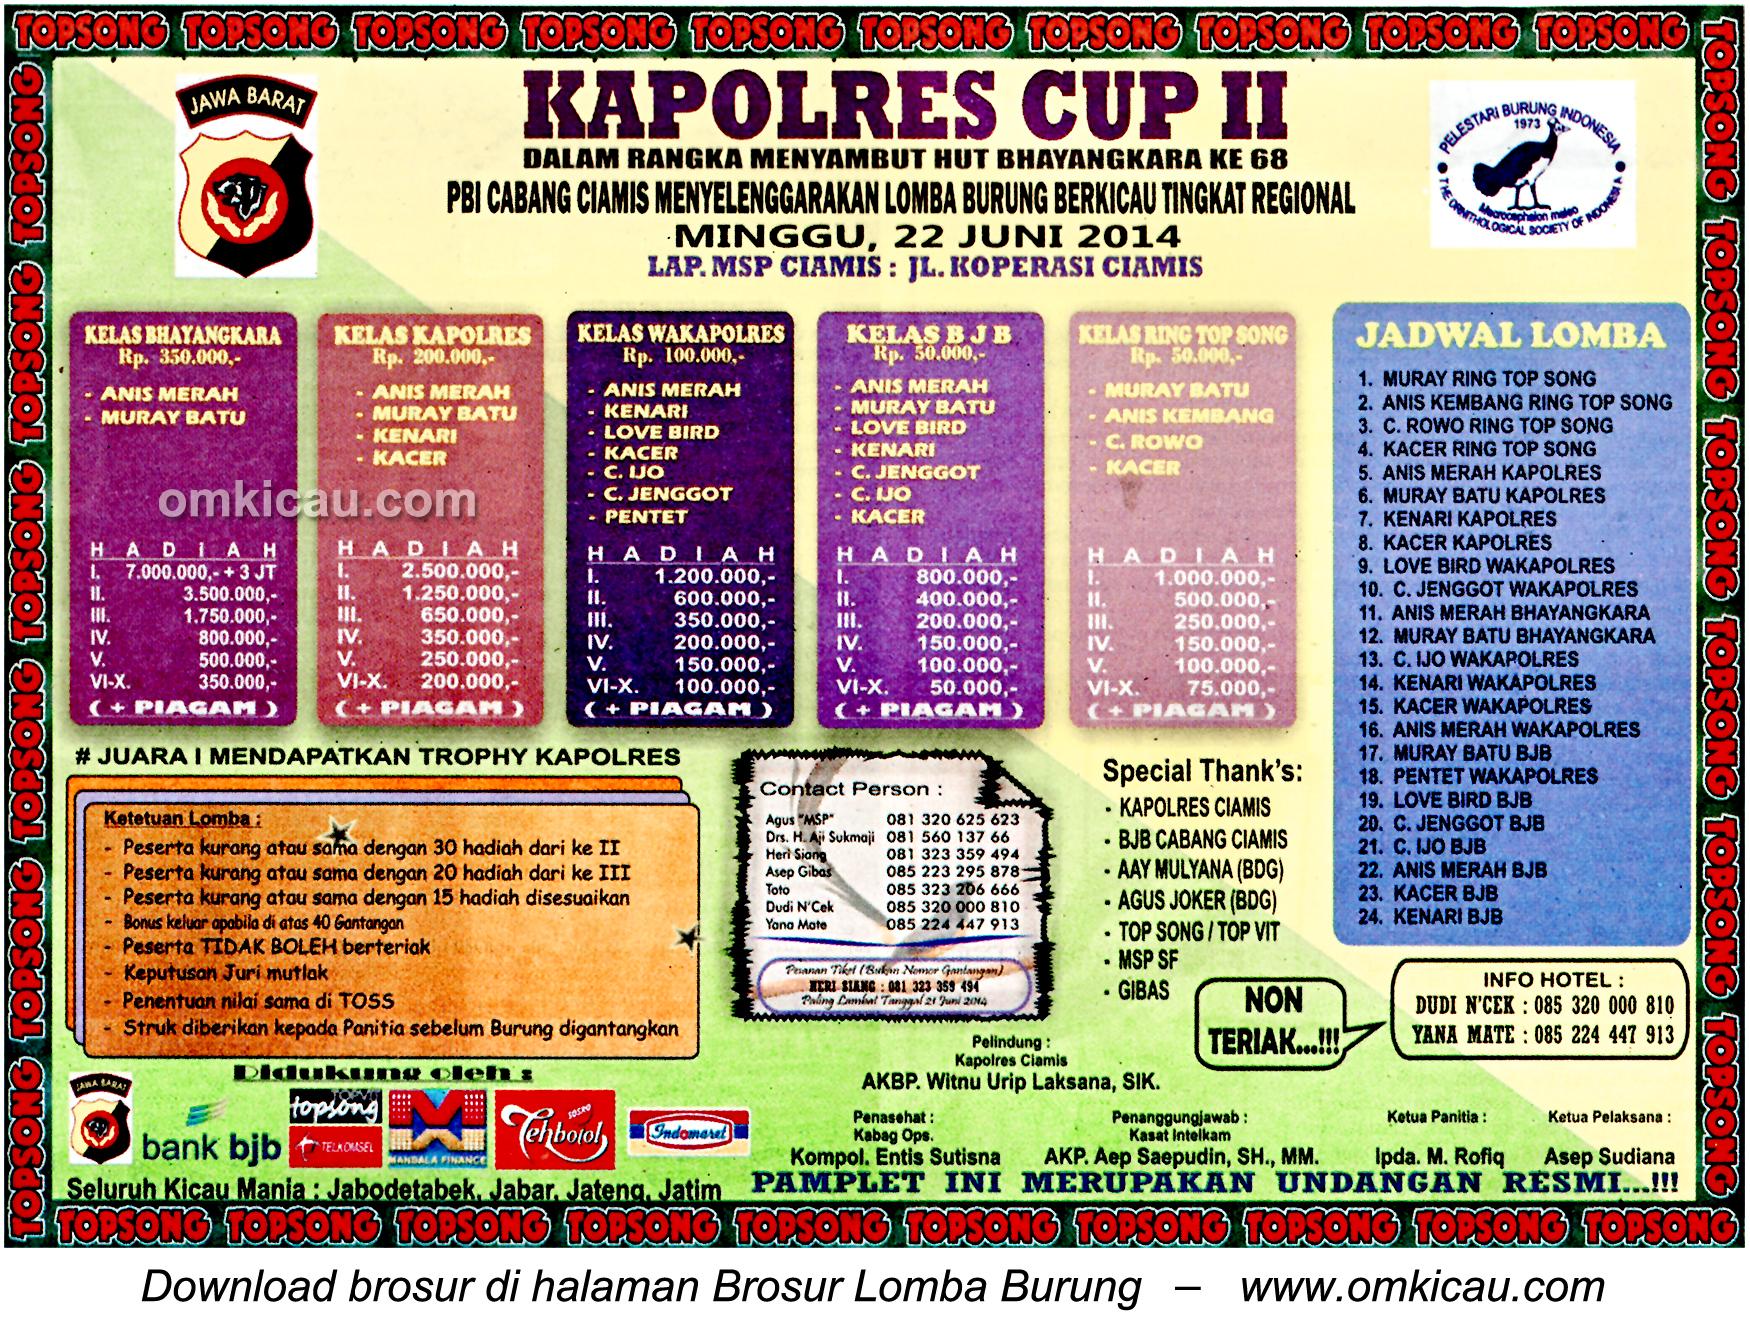 Brosur Lomba Burung Berkicau Kapolres Cup II, Ciamis, 22 Juni 2014